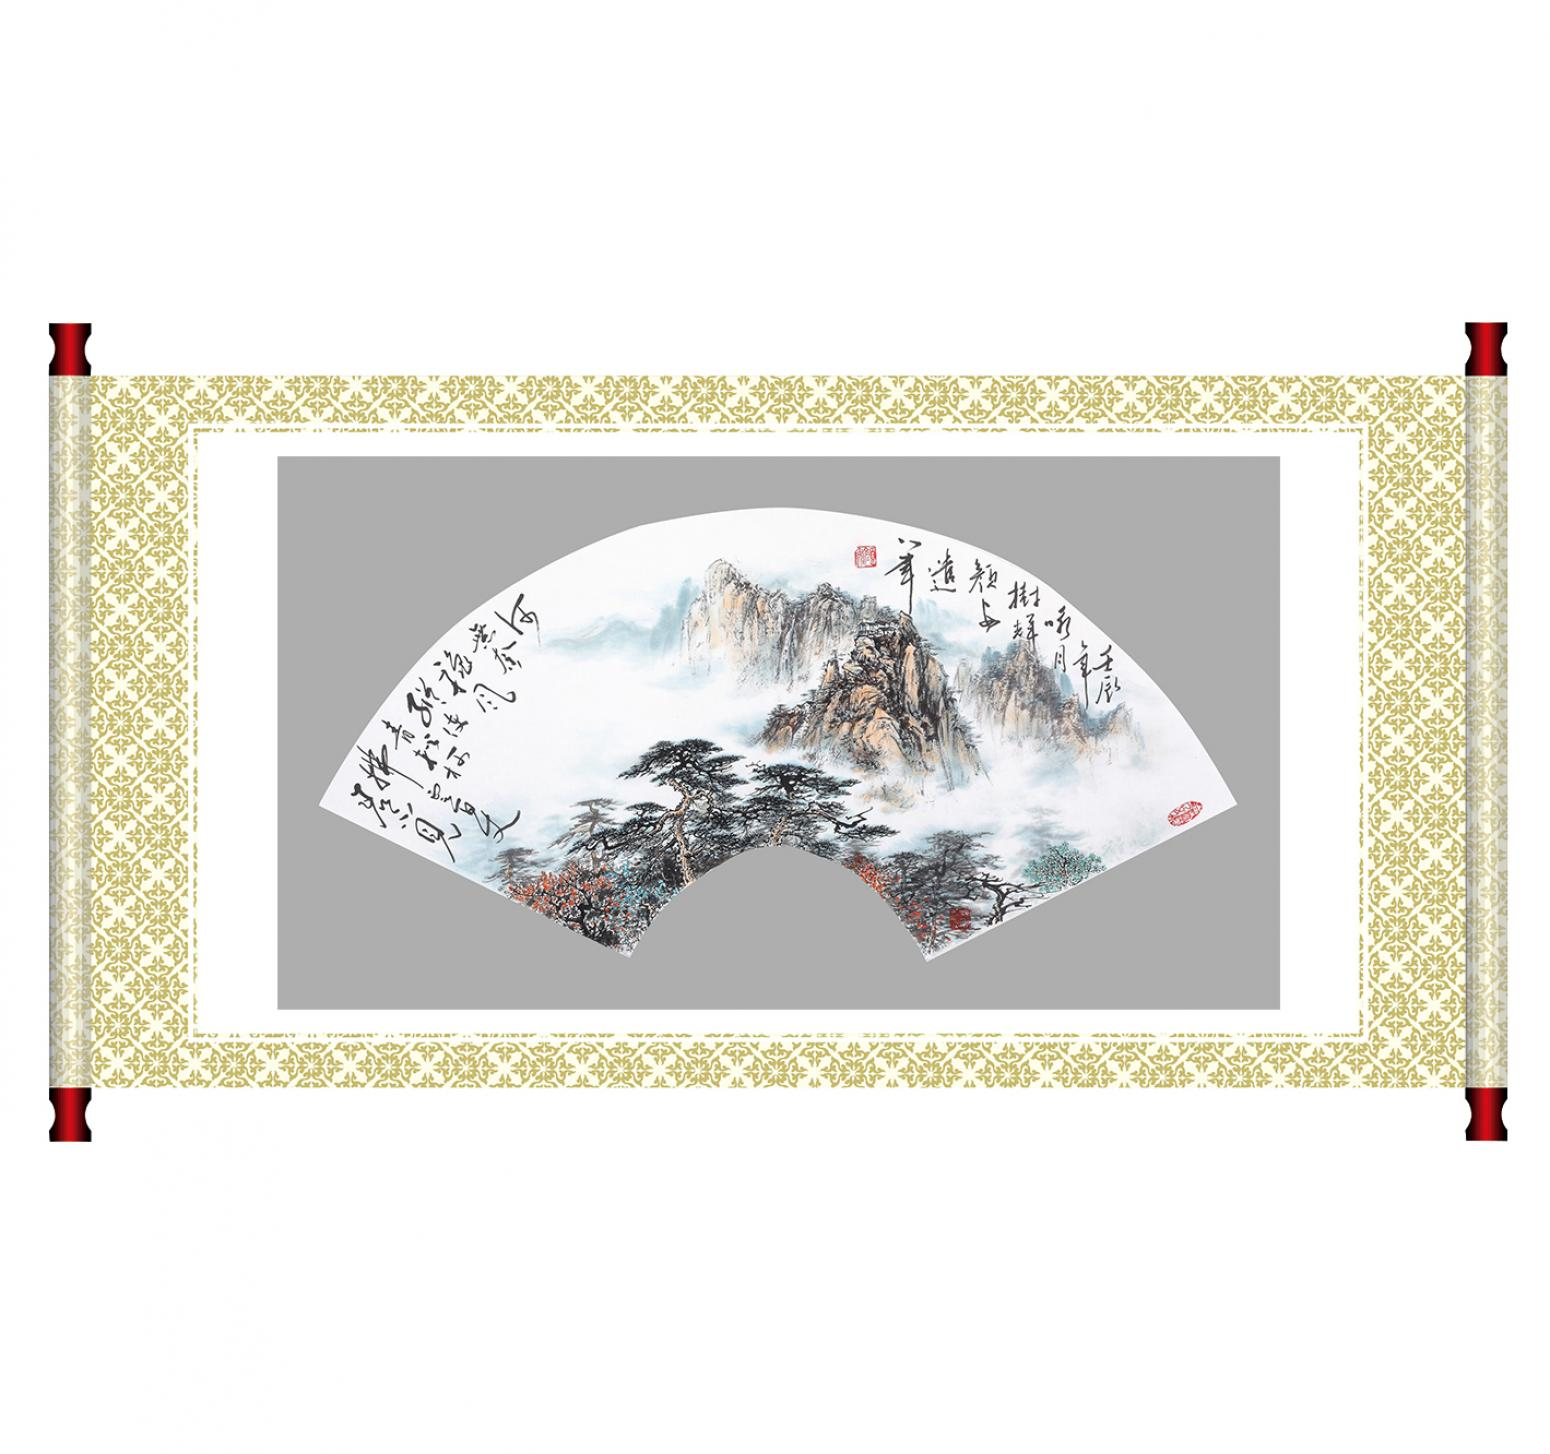 罗树辉国画作品《山水松树扇面图1》【图1】